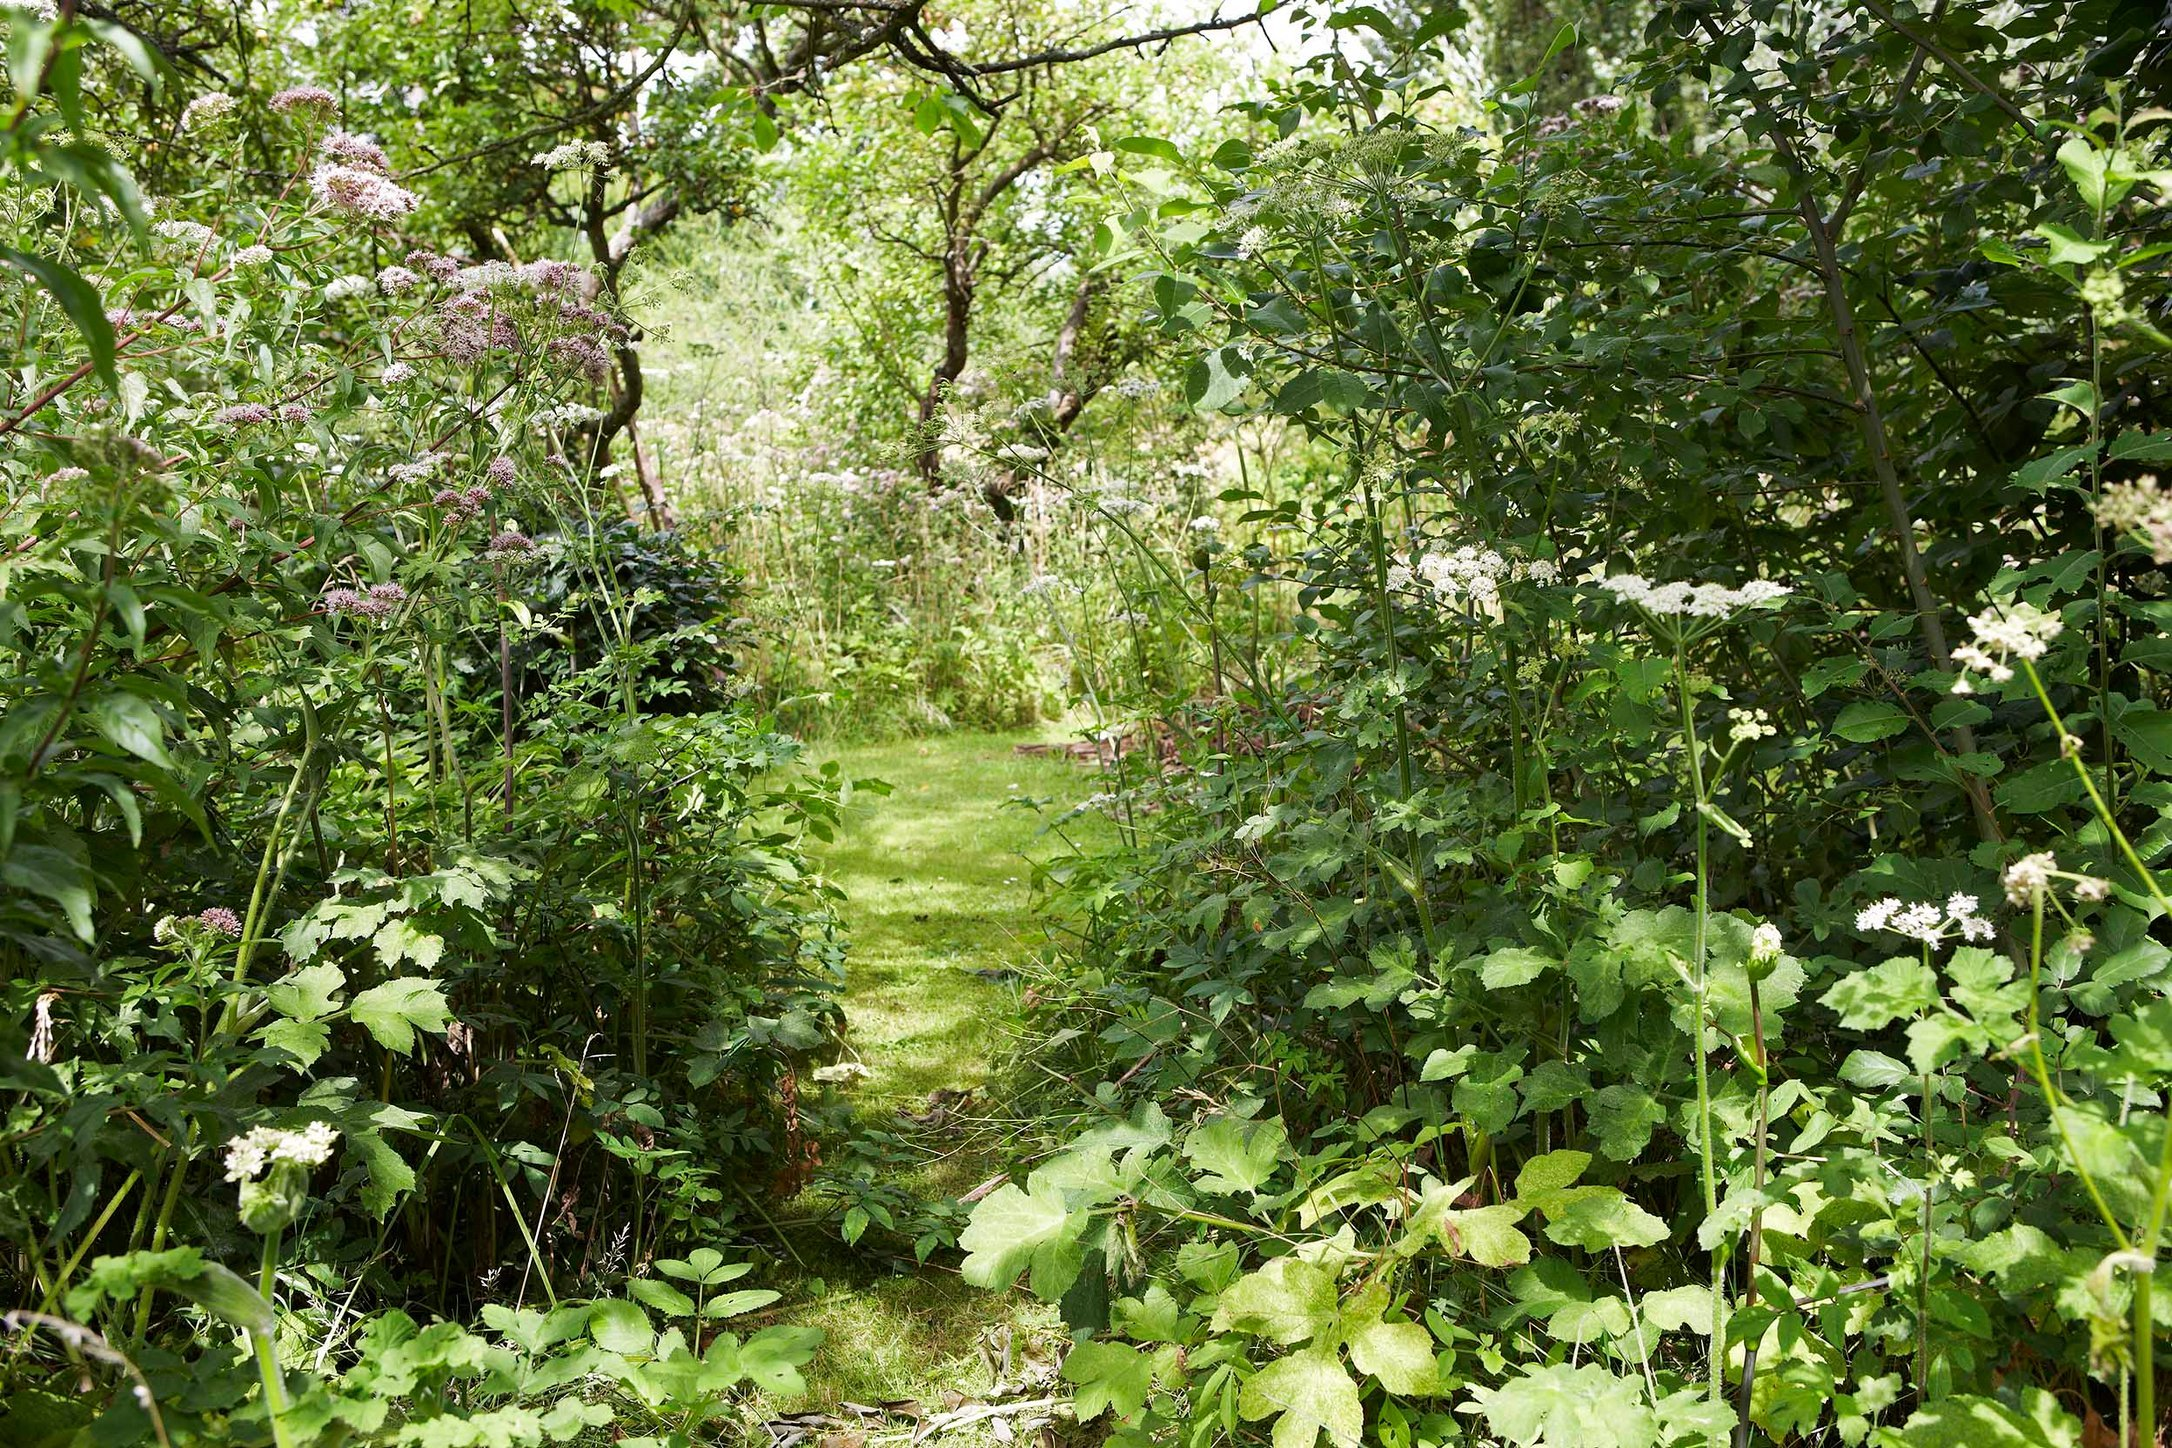 VIEWBOOK_Jardin gilles- 34.jpg